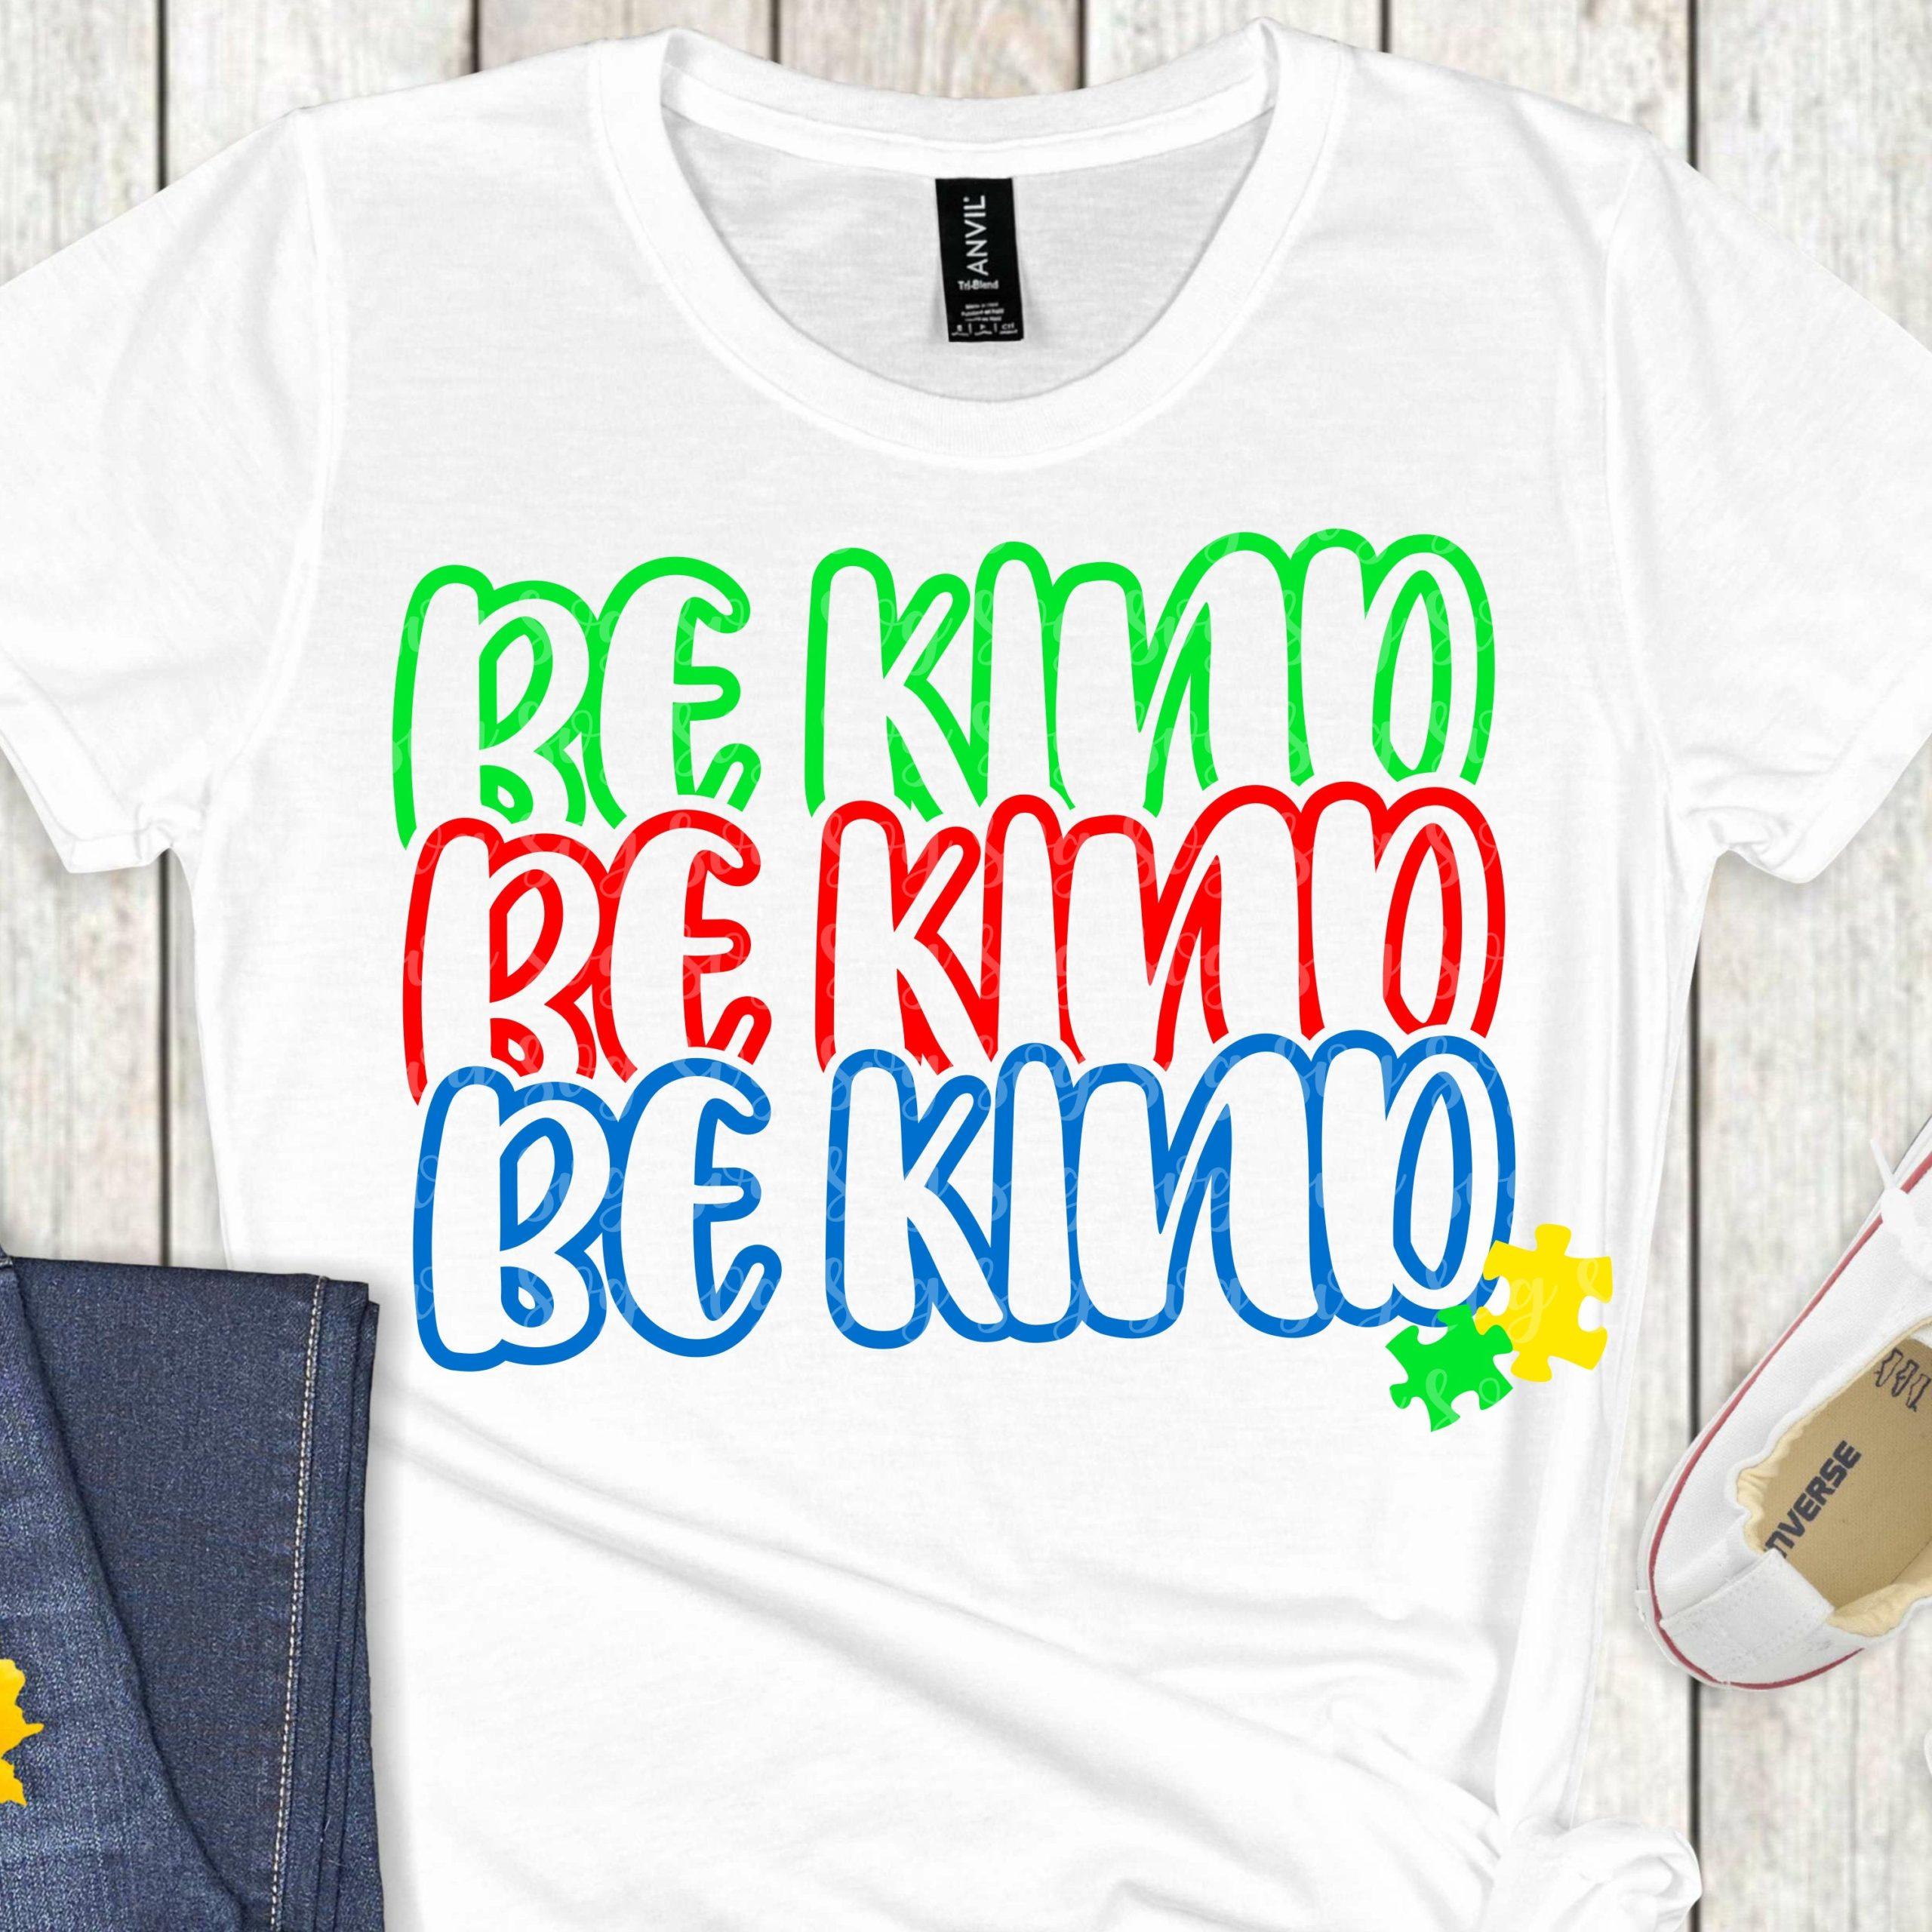 Be-kind-svgautism-be-kind-be-kind-autism-autism-svg-autism-puzzle-svgcricut-designssilhouette-designs-be-kind-be-kind-be-kind-svg-5ef792b8